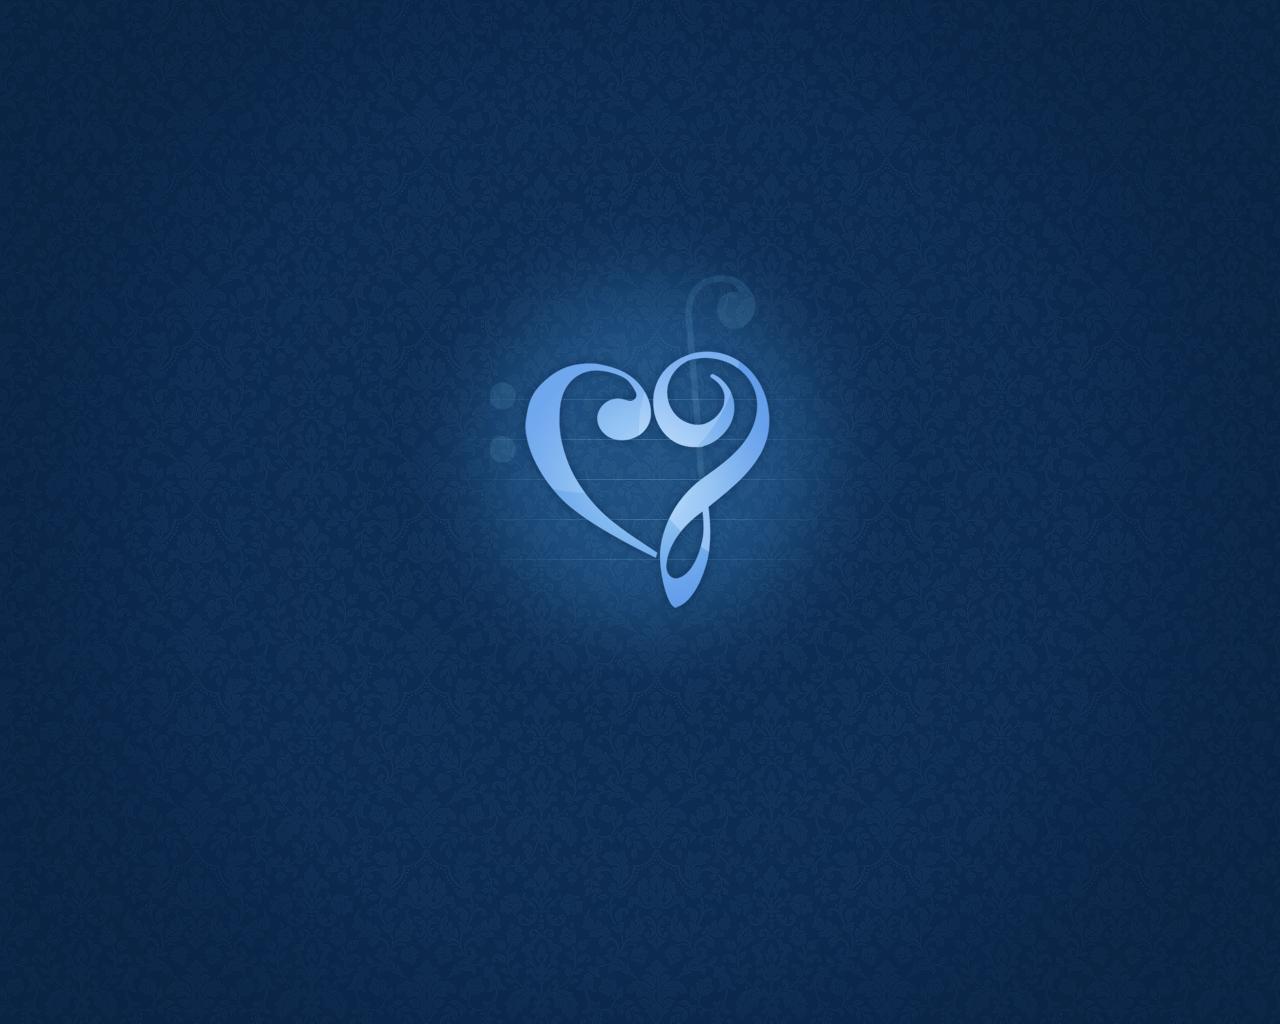 http://4.bp.blogspot.com/-Yl6OQPUS8n8/TjznBagcD8I/AAAAAAAAAtQ/4BQ2pAnZF9w/s1600/Wallpapers-room_com___Diamond_Heart_by_Penicilline_1280x1024.jpg